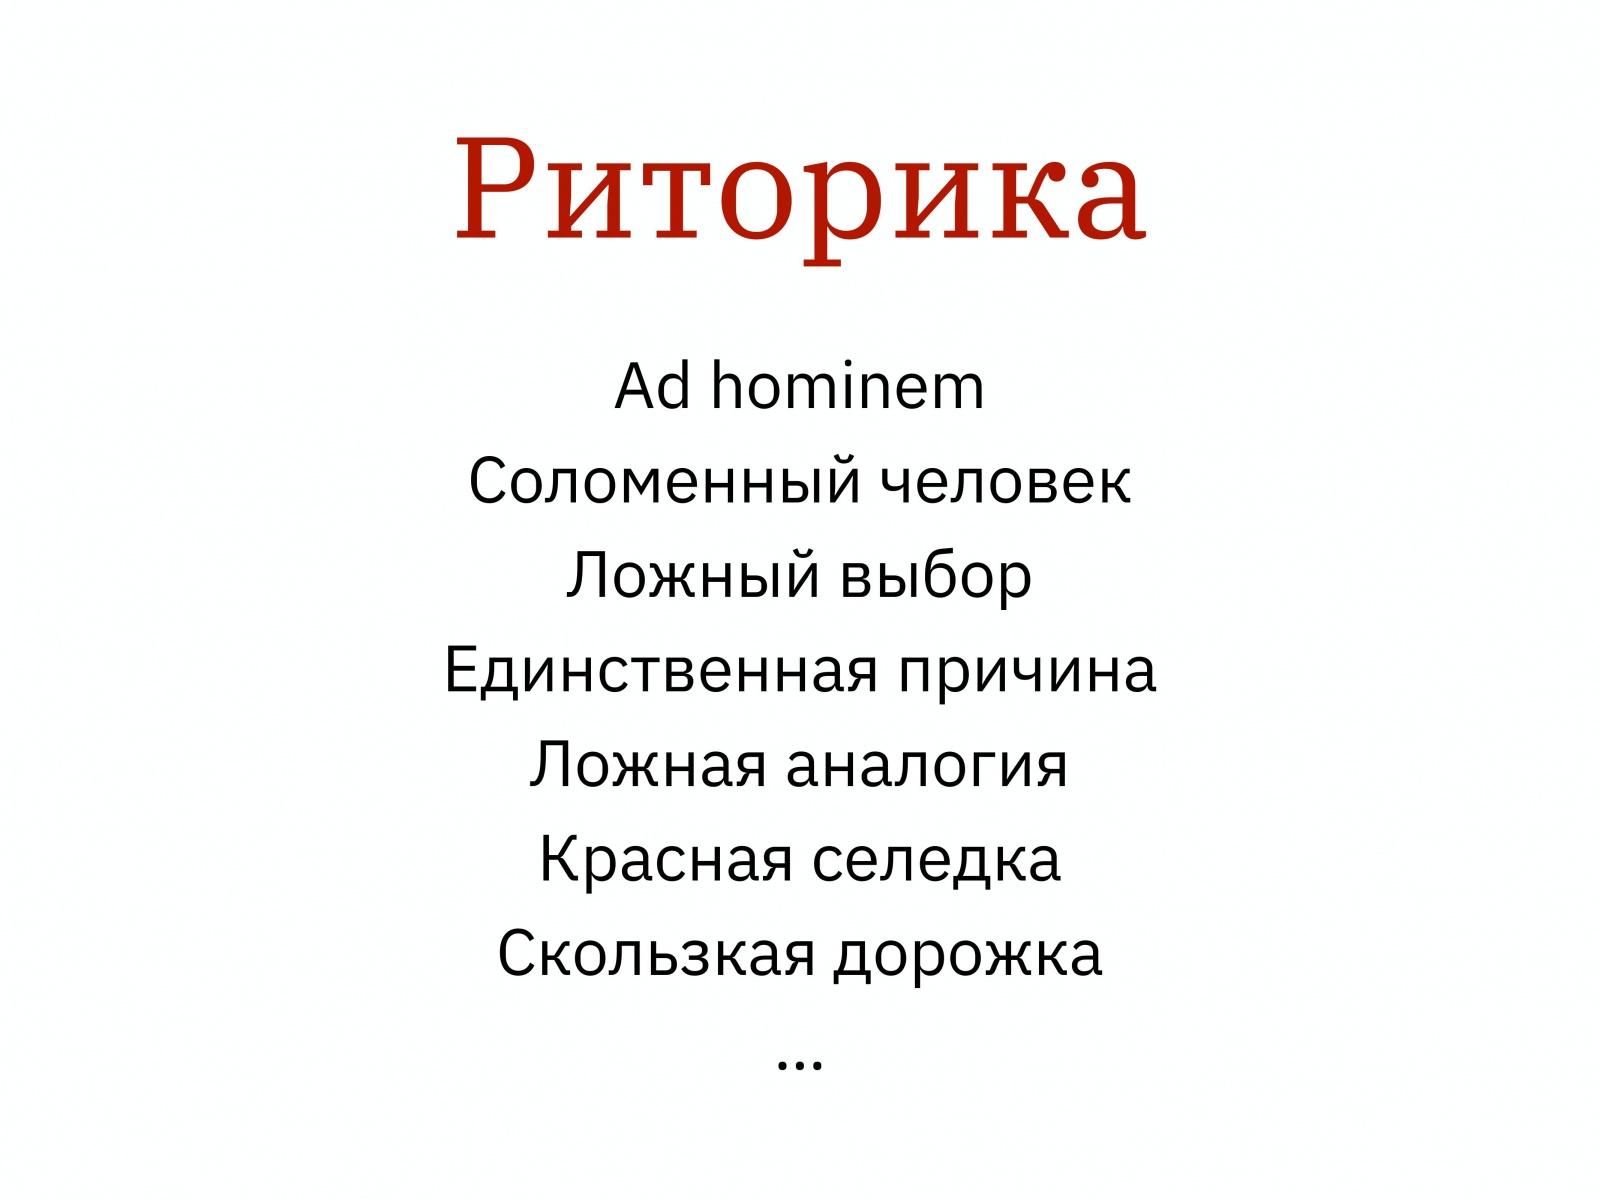 Алексей Каптерев: Критическое мышление 101 (часть 2) - 21